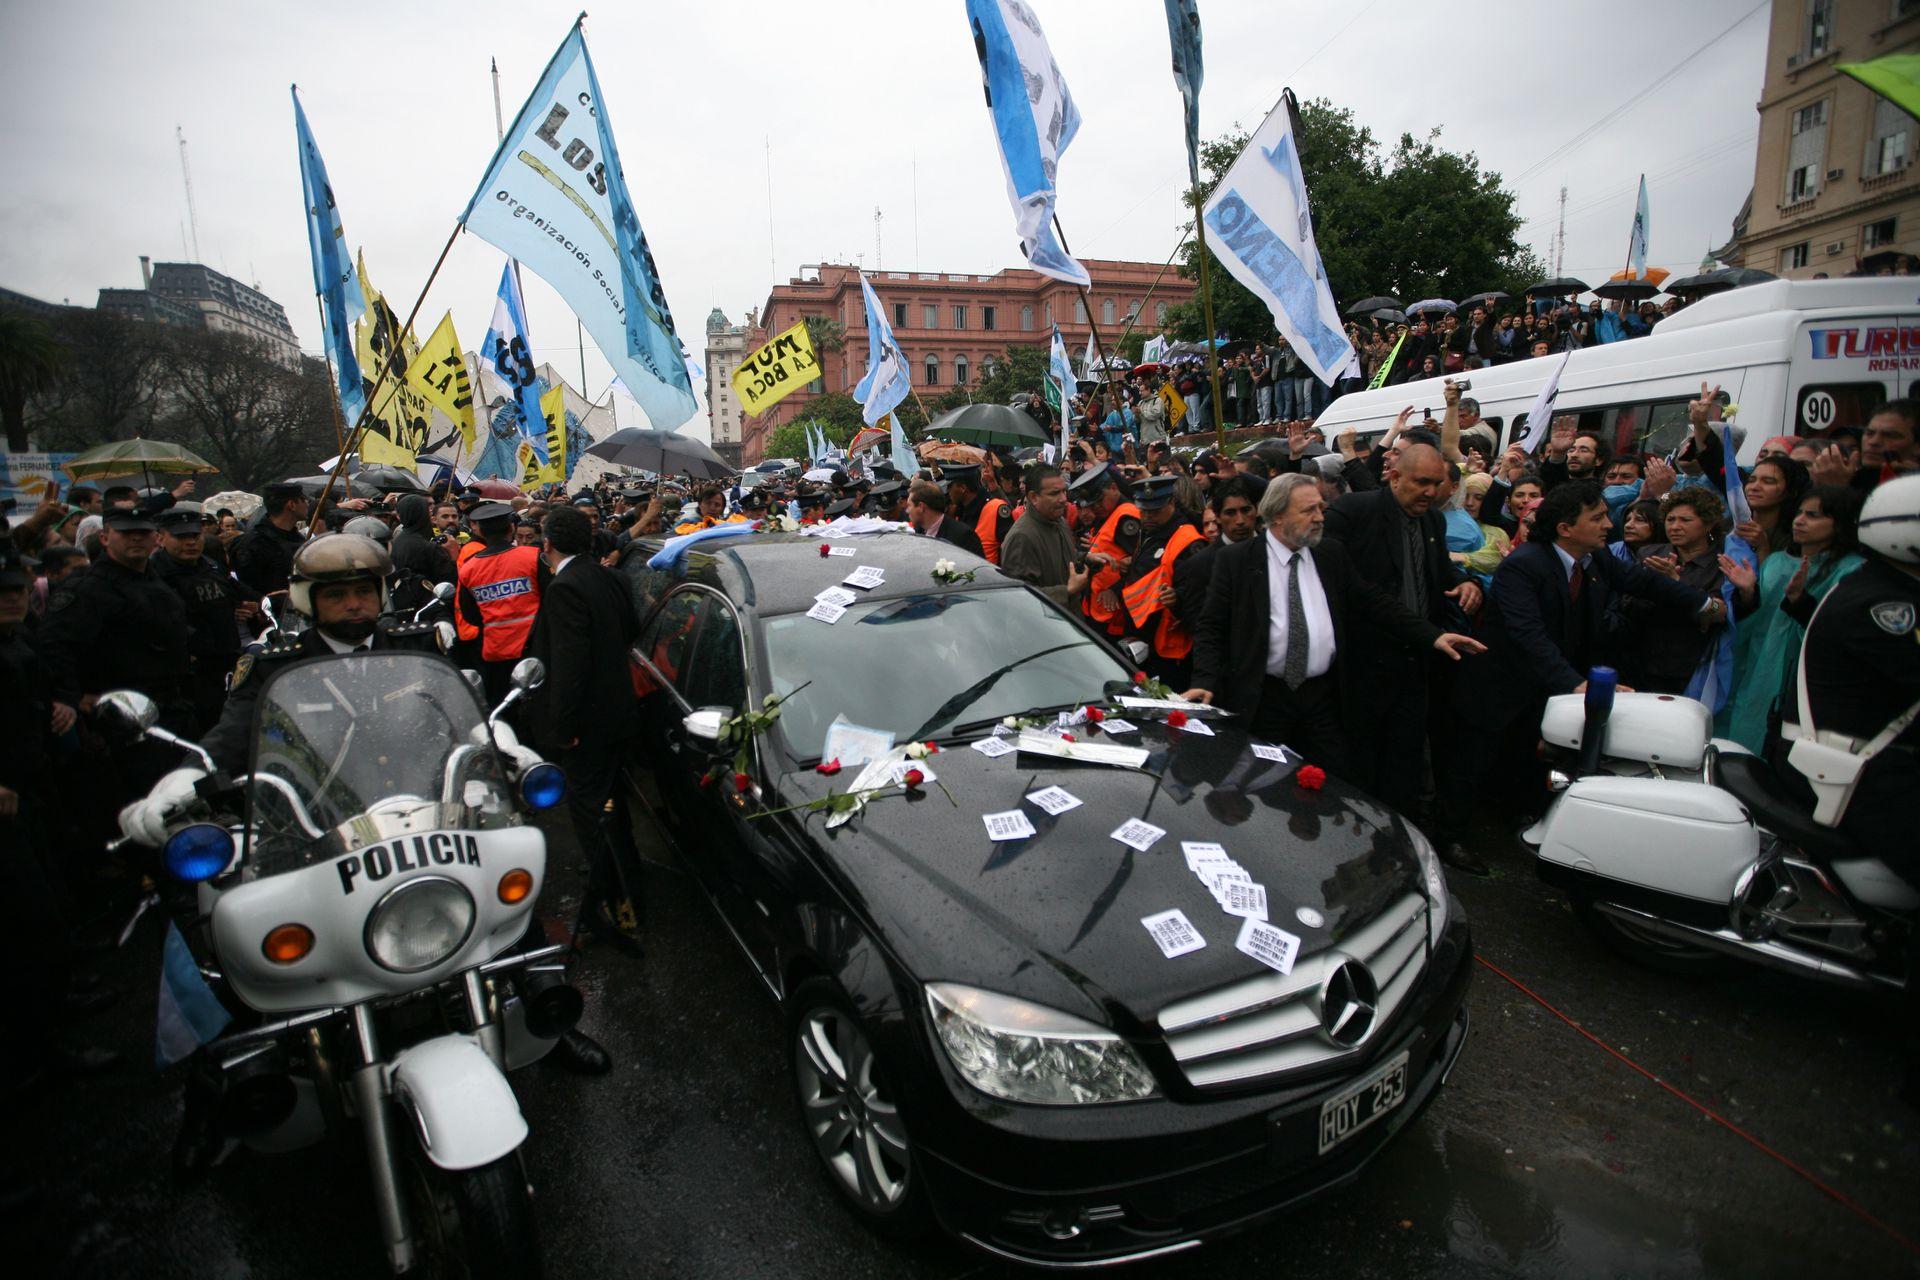 El traslado del féretro con los restos de Kirchner desde la Casa de Gobierno hacia el aeroparque